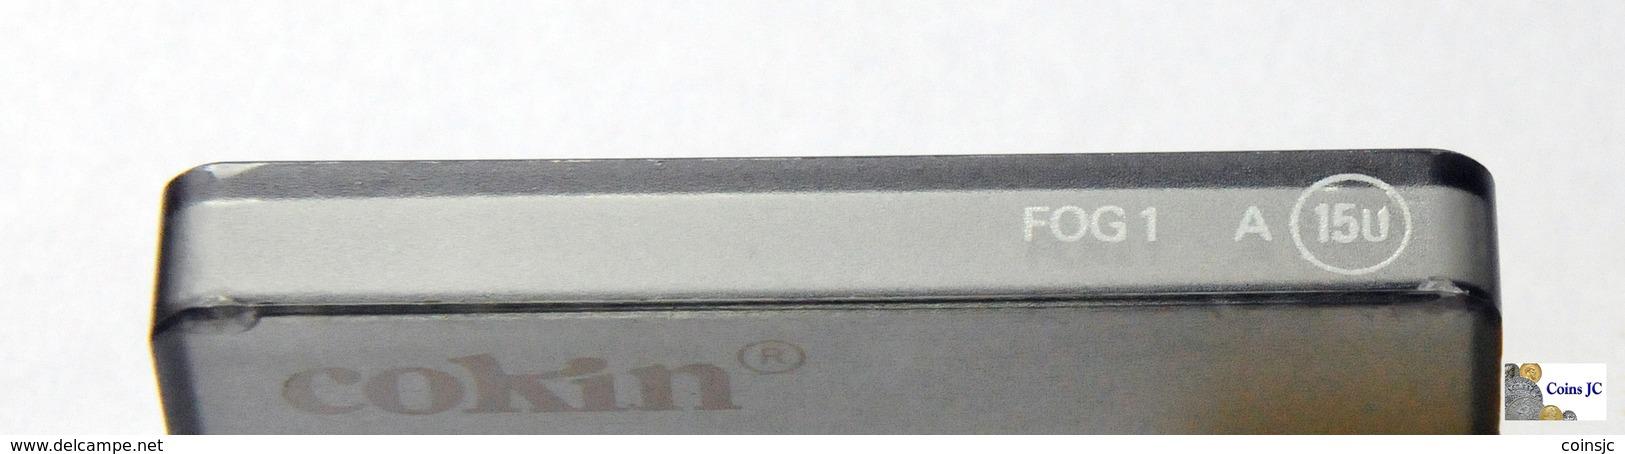 Filter - Fog 1 - A 150 - Cokin - Material Y Accesorios